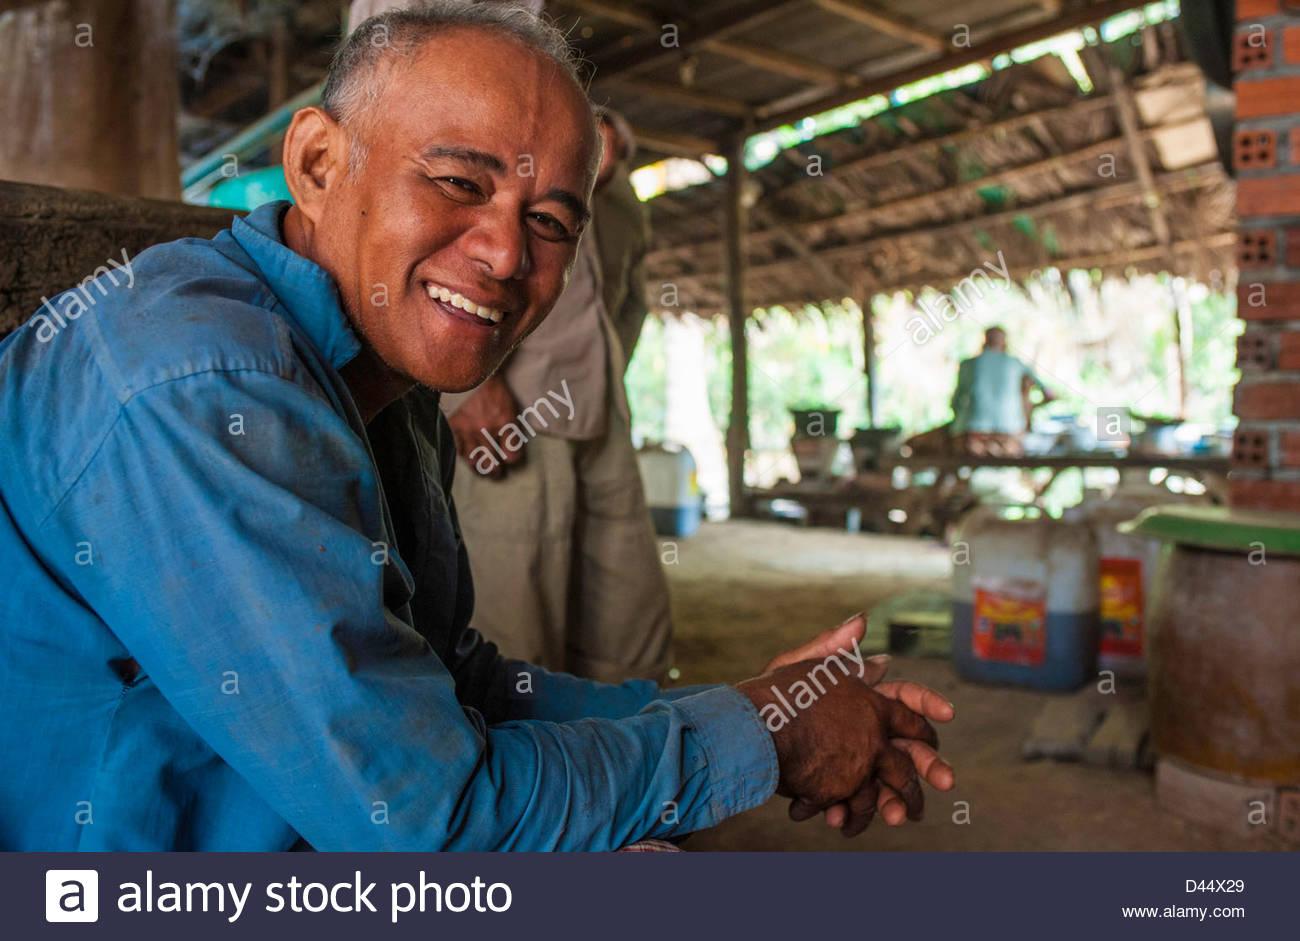 Sdey Village, Prek Phnom commune Srong Srean – Husband, bemedalled war  hero, delivery man, 52 in blue